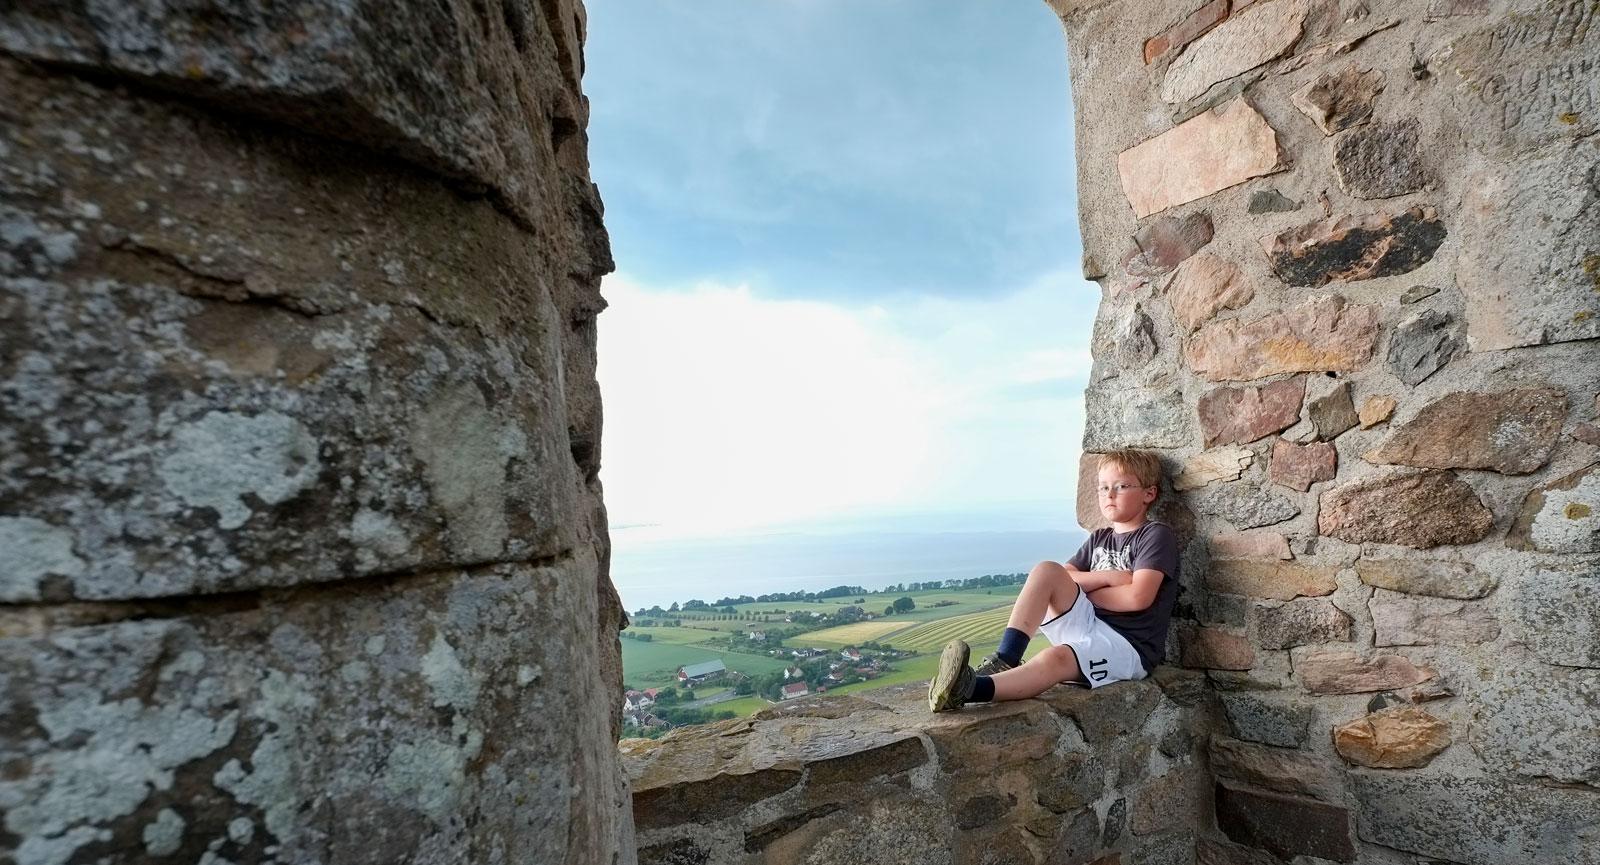 Utsikten från Brahehus är svårslagen. Här kan tankarna vandra fritt. (Det stupar inte rakt ner på andra sidan fönstret.)